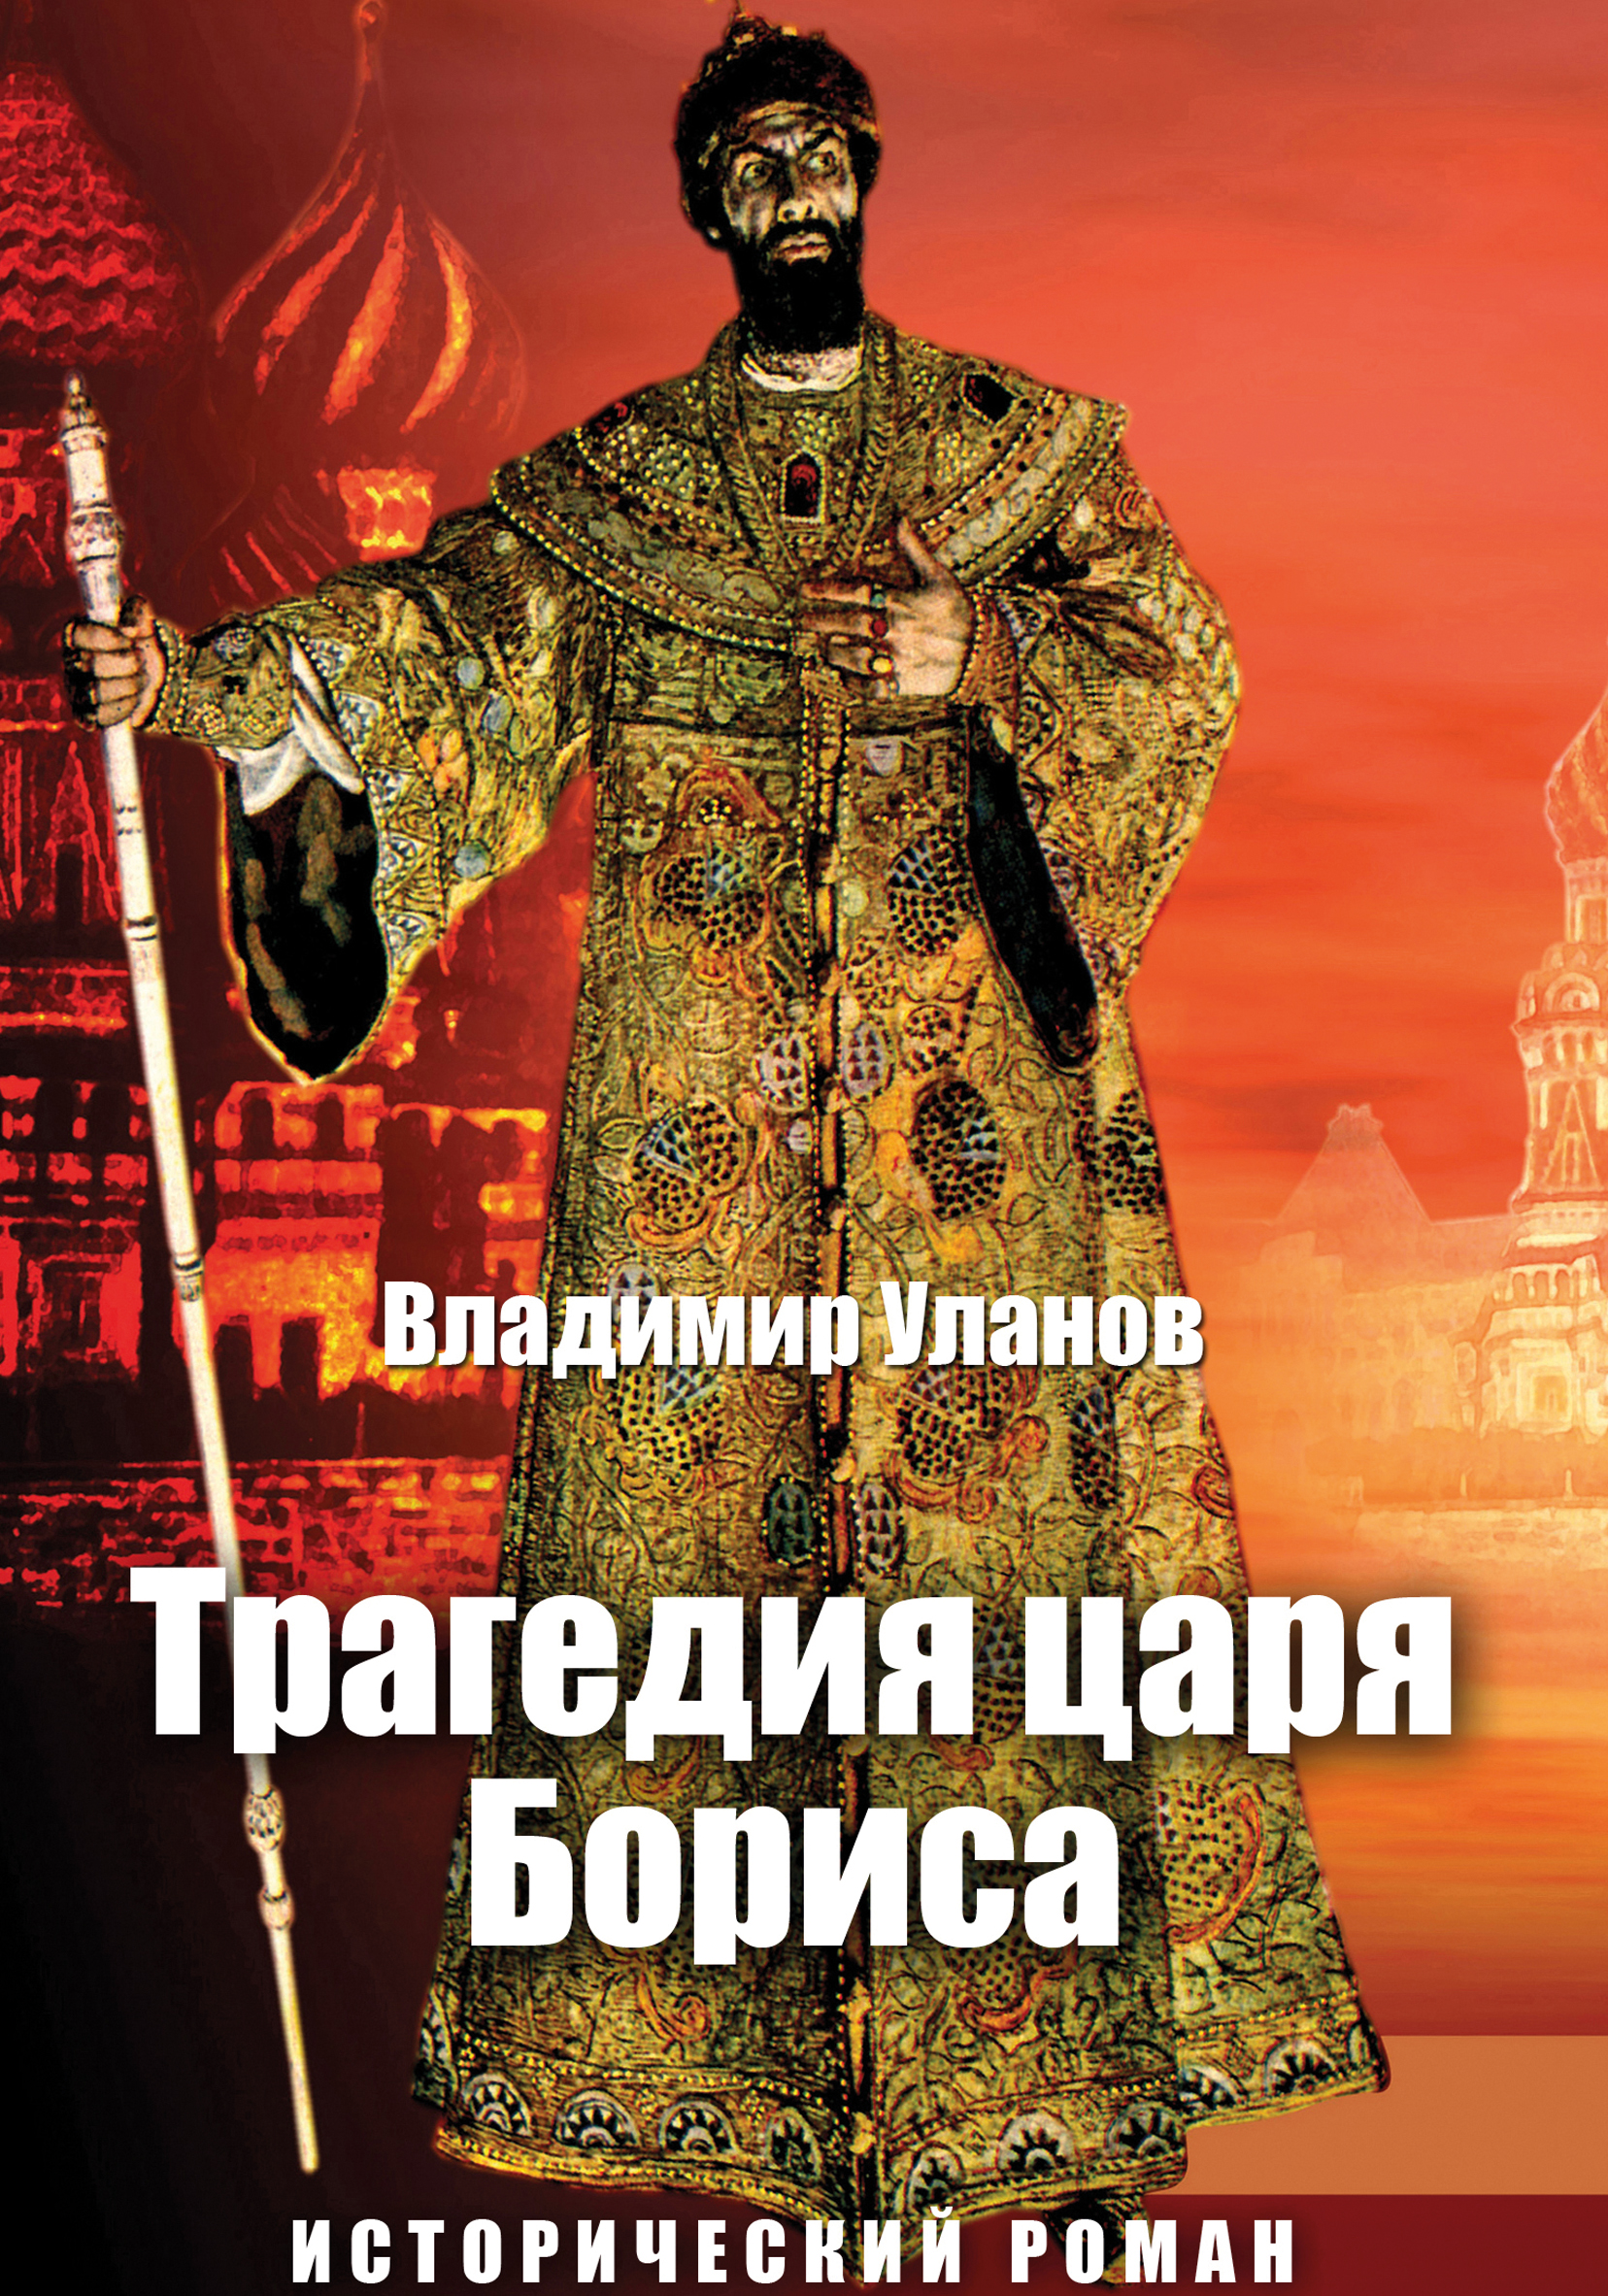 Владимир Уланов Трагедия царя Бориса владимир уланов княжеский крест исторический роман